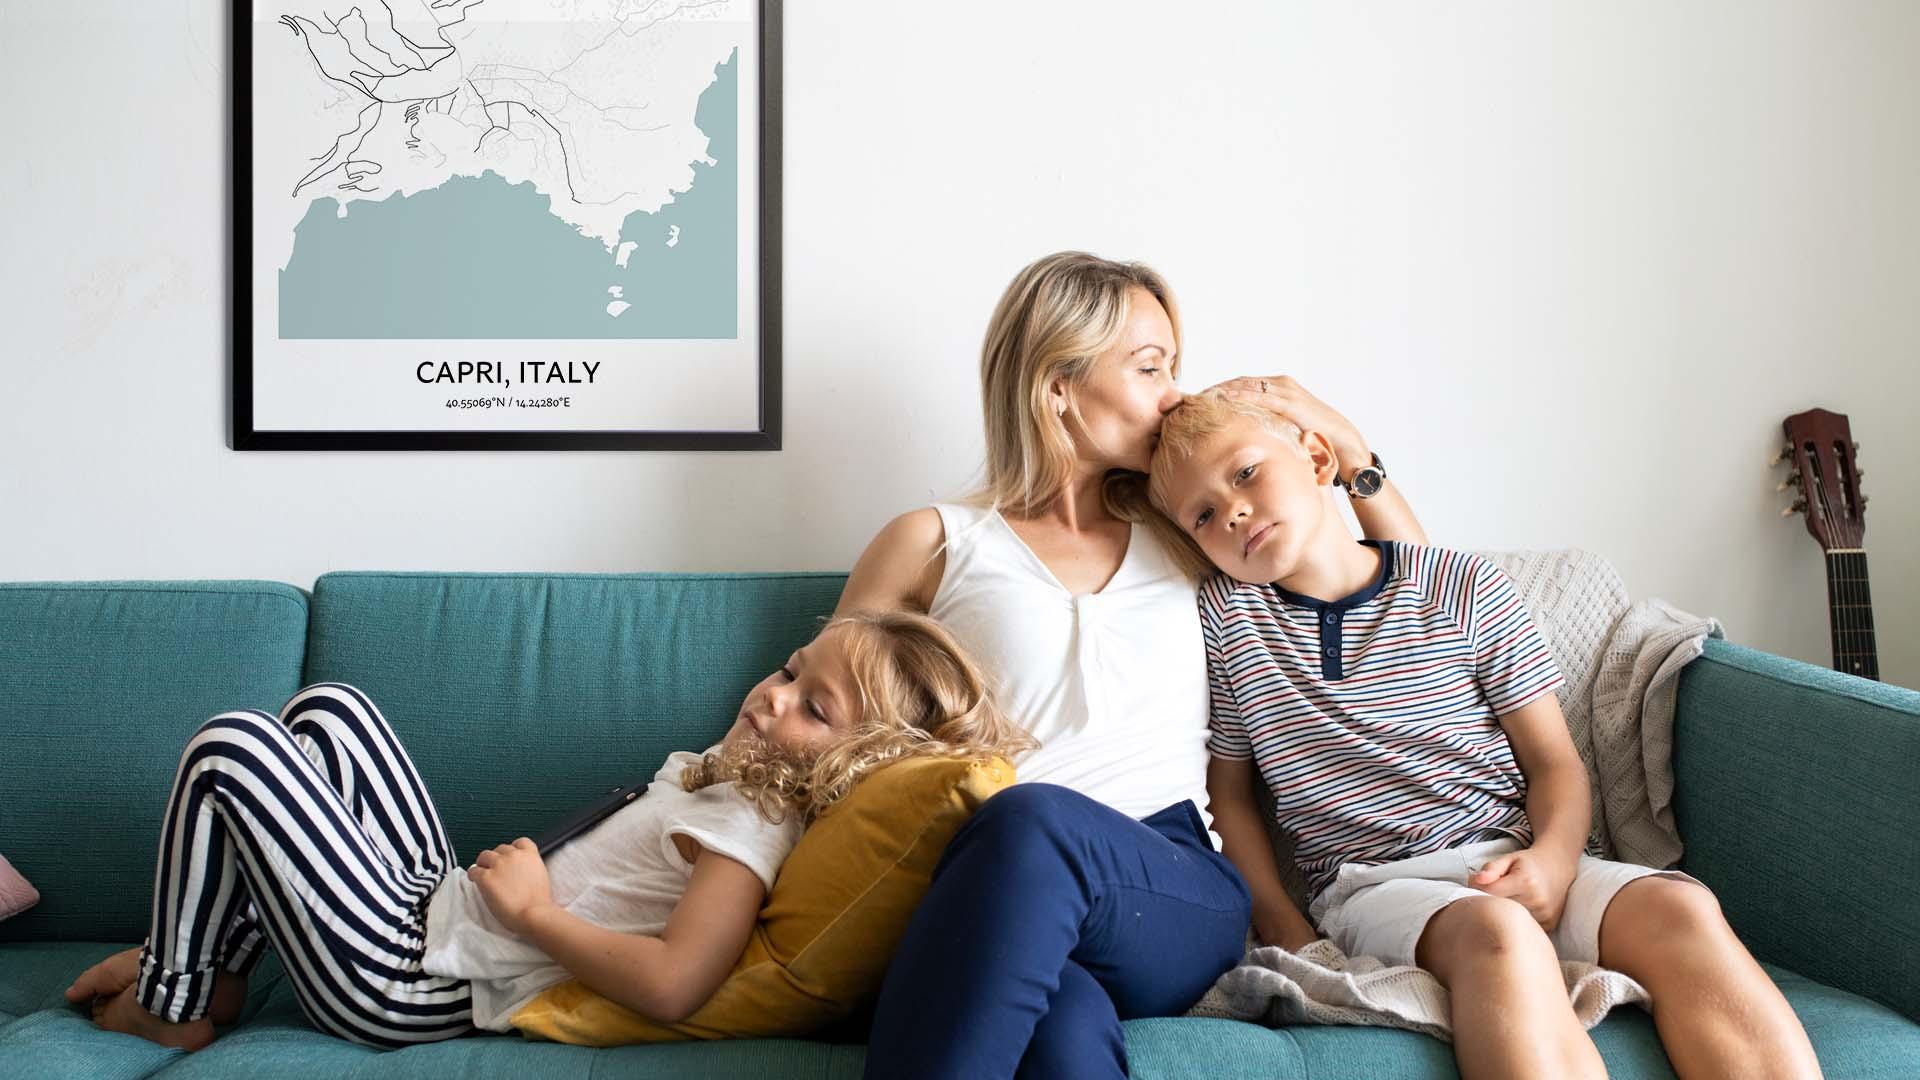 Capri map poster